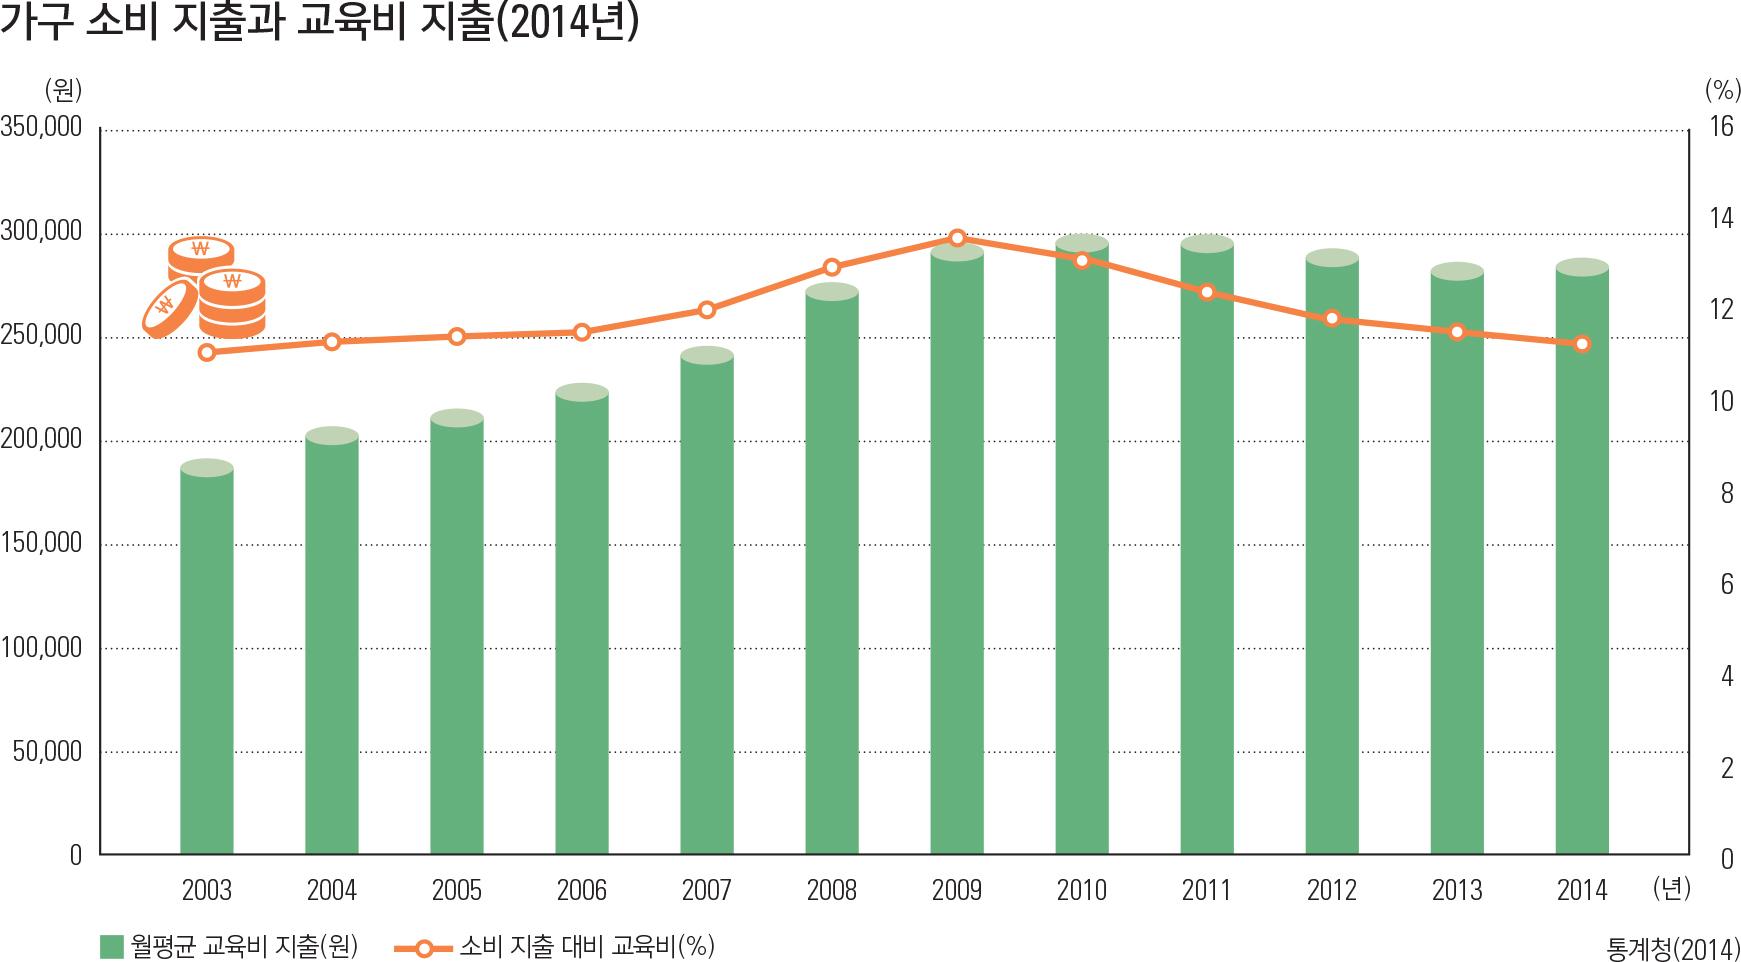 가구 소비 지출과 교육비 지출(2014년)